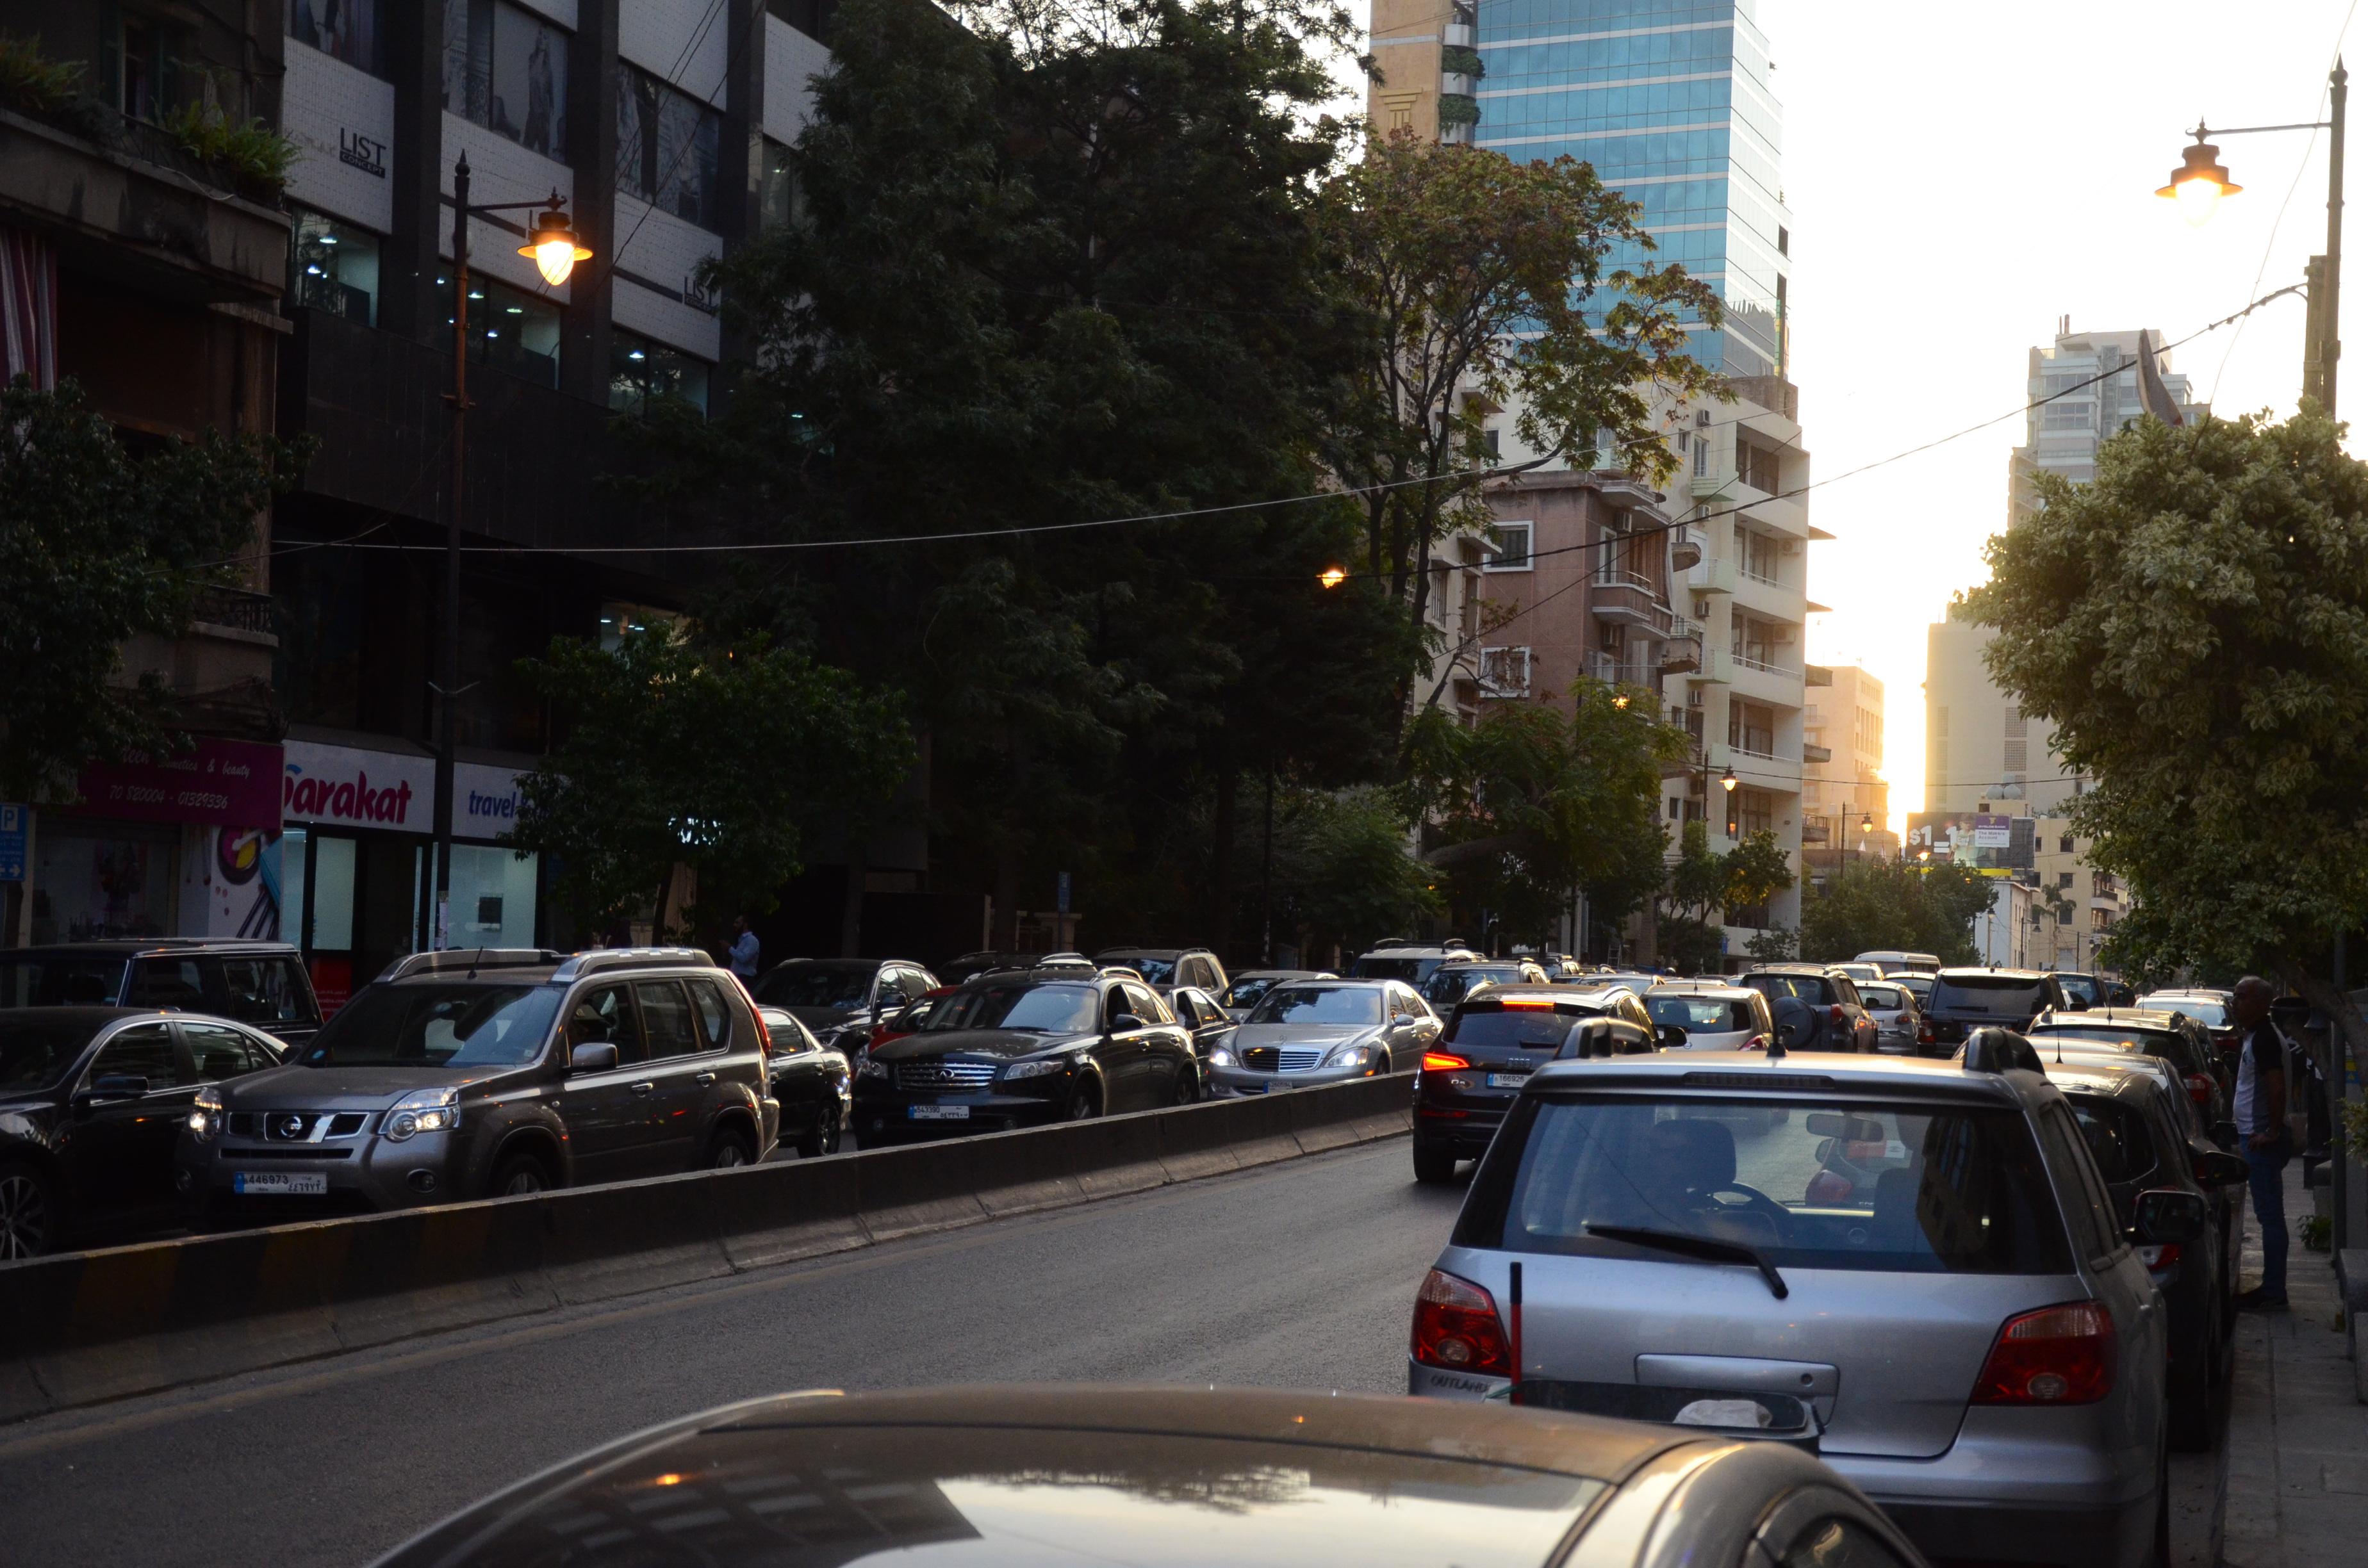 Depuis trois ans, chaque déplacement de B. dans les rues de Beyrouth se fait avec la peur d'être arrêté. [A.Python]